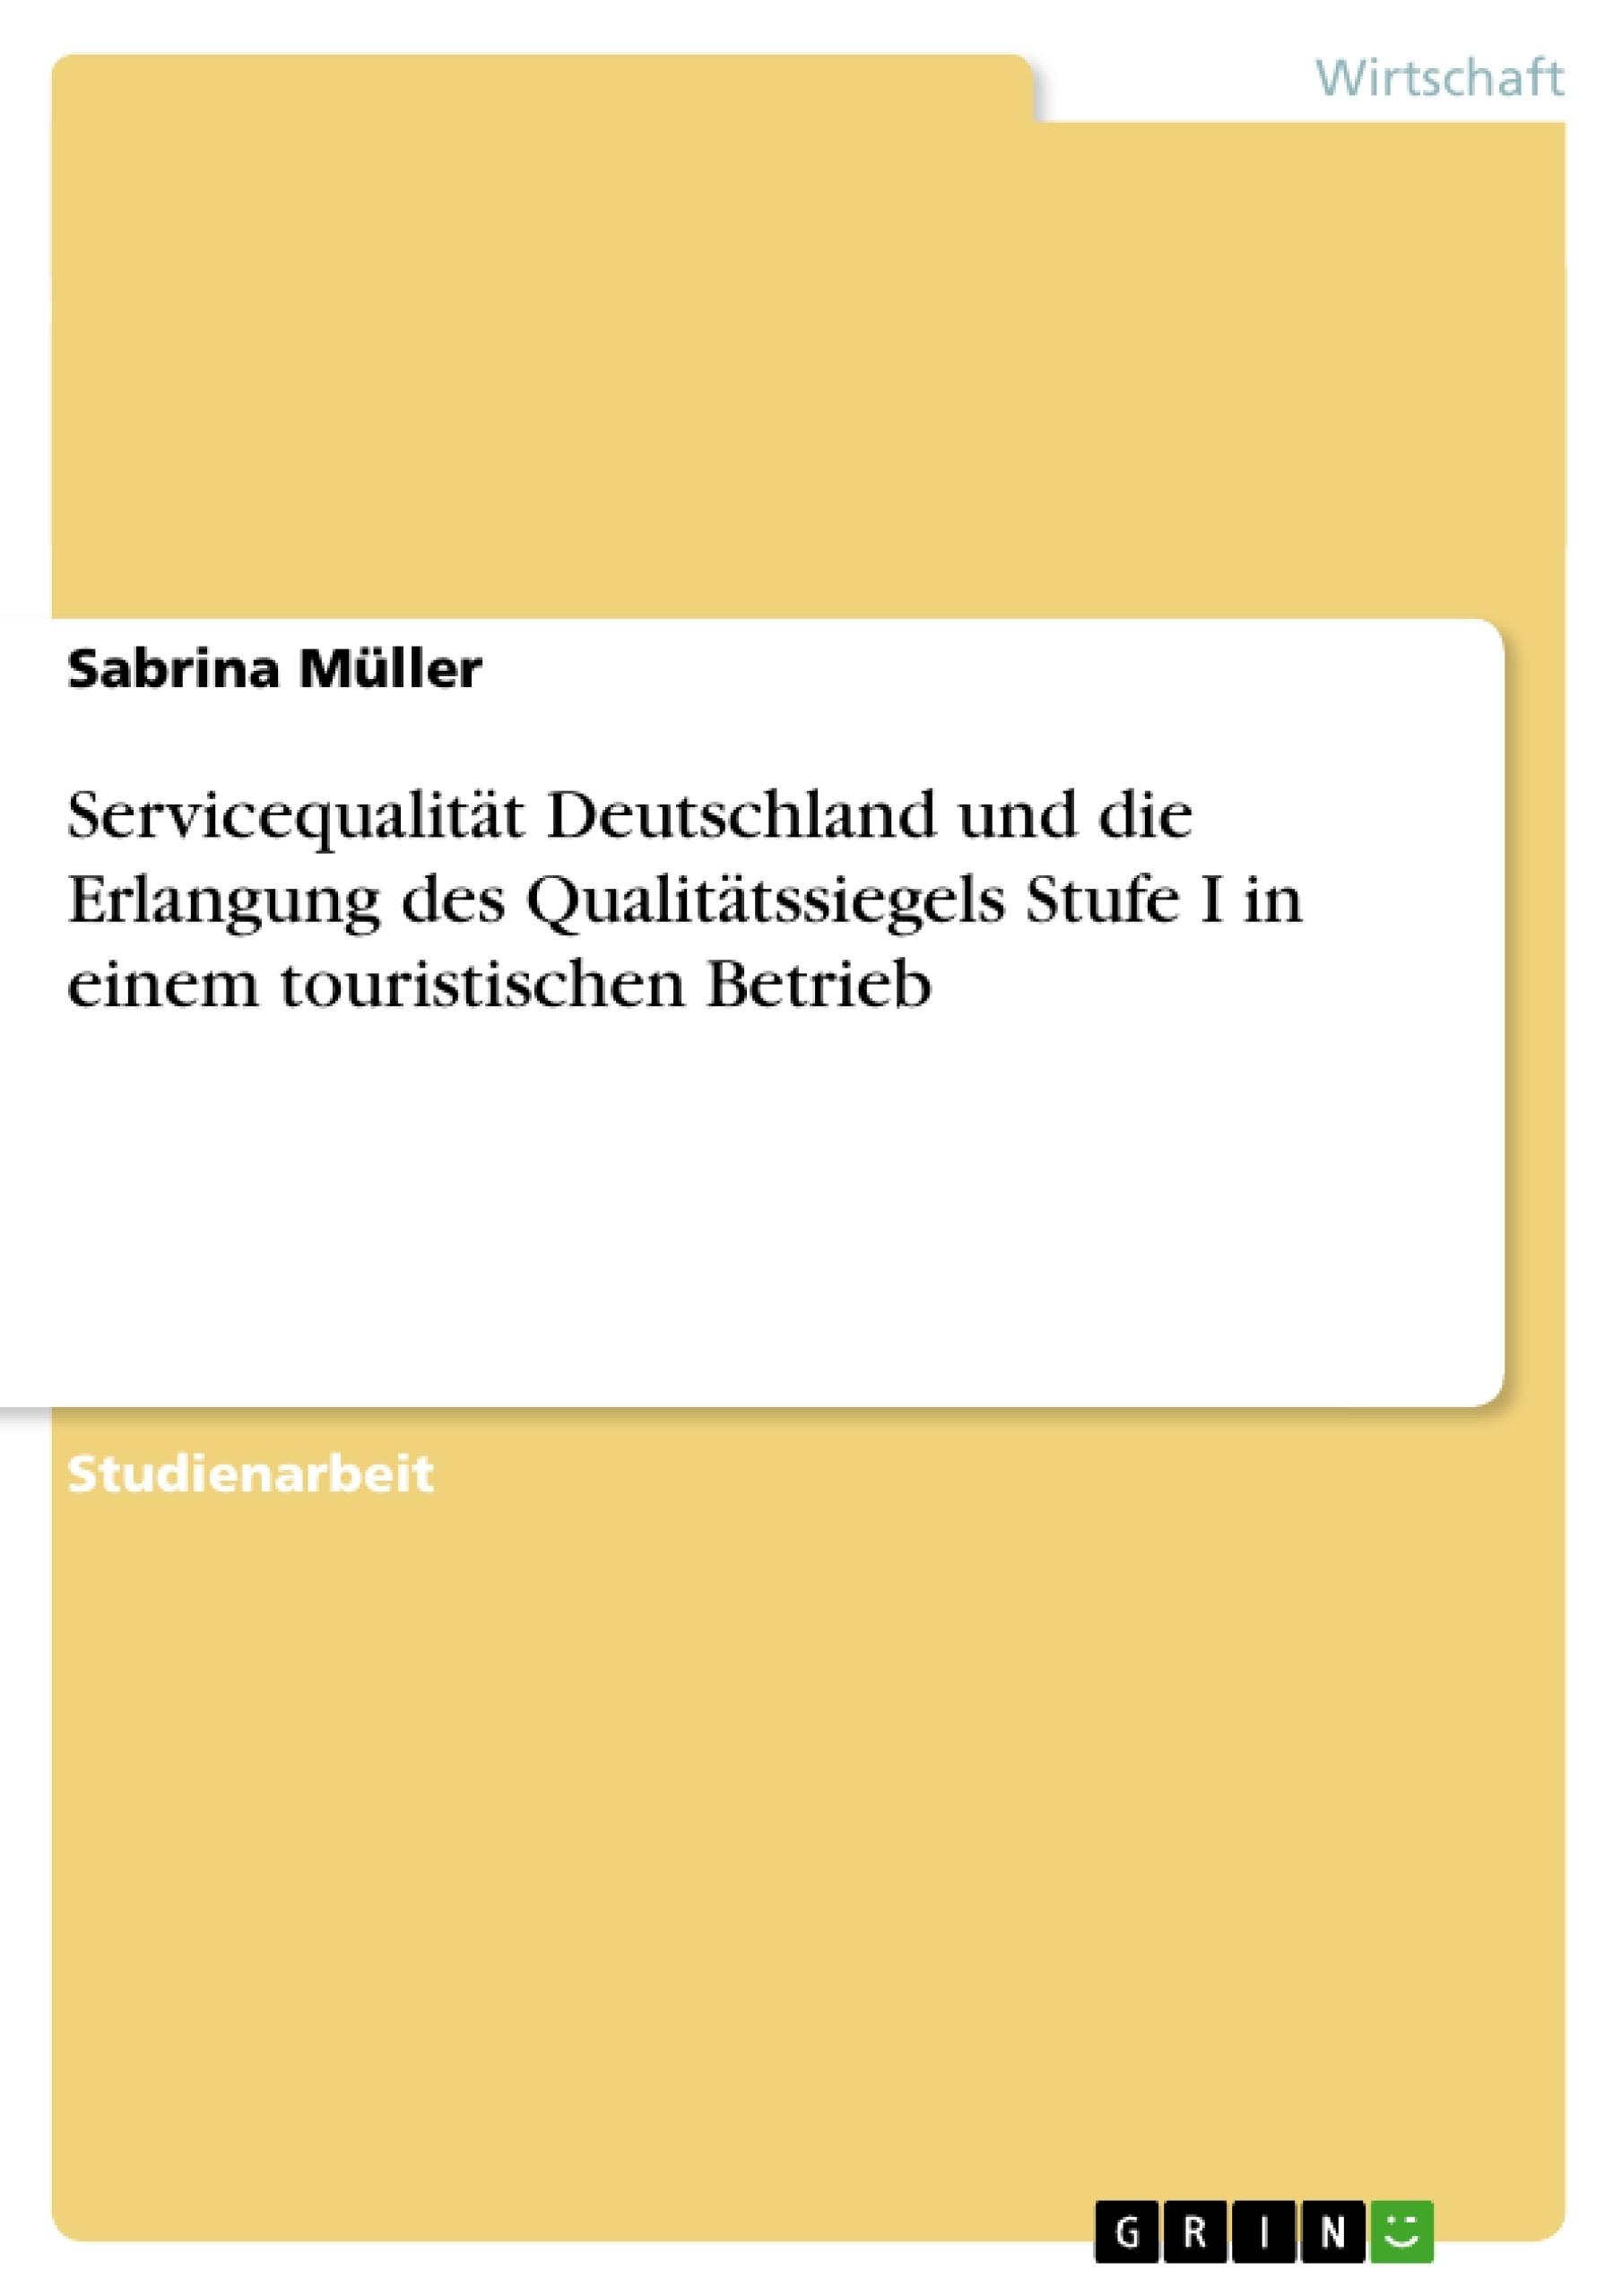 Titel: Servicequalität Deutschland und die Erlangung des Qualitätssiegels Stufe I in einem touristischen Betrieb